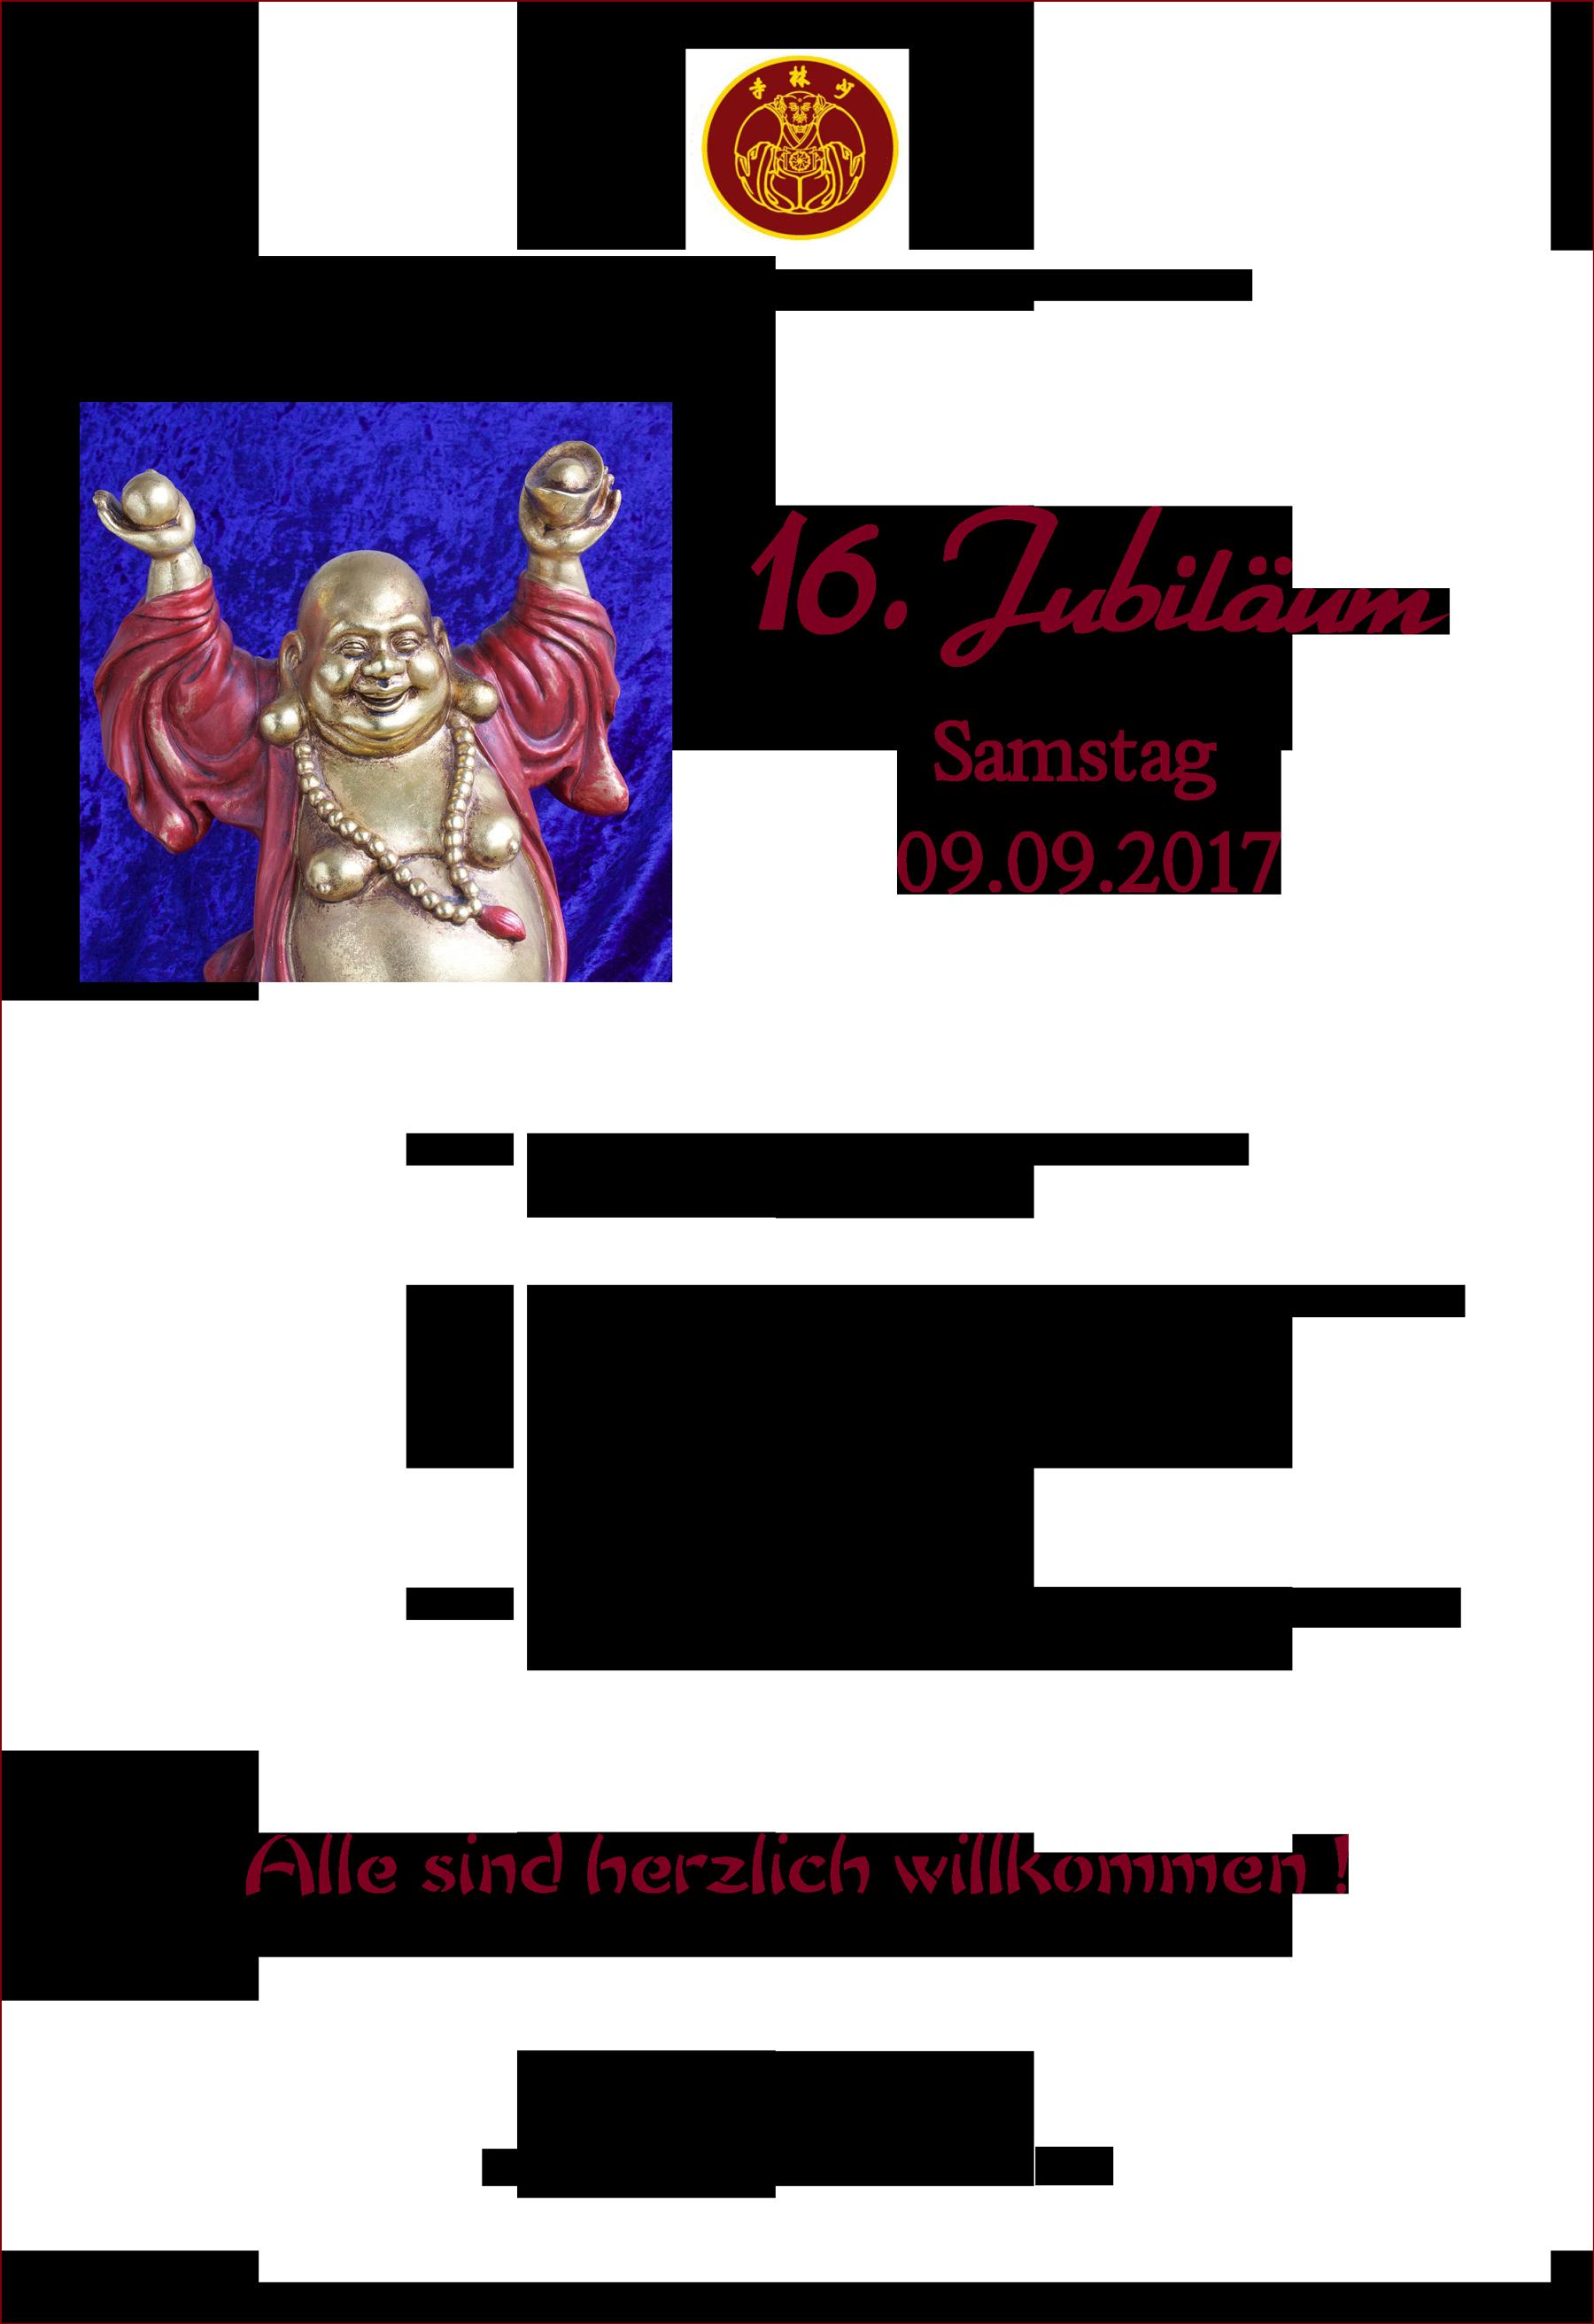 einladung: 16. jubiläum des shaolin tempel deutschland, Einladung